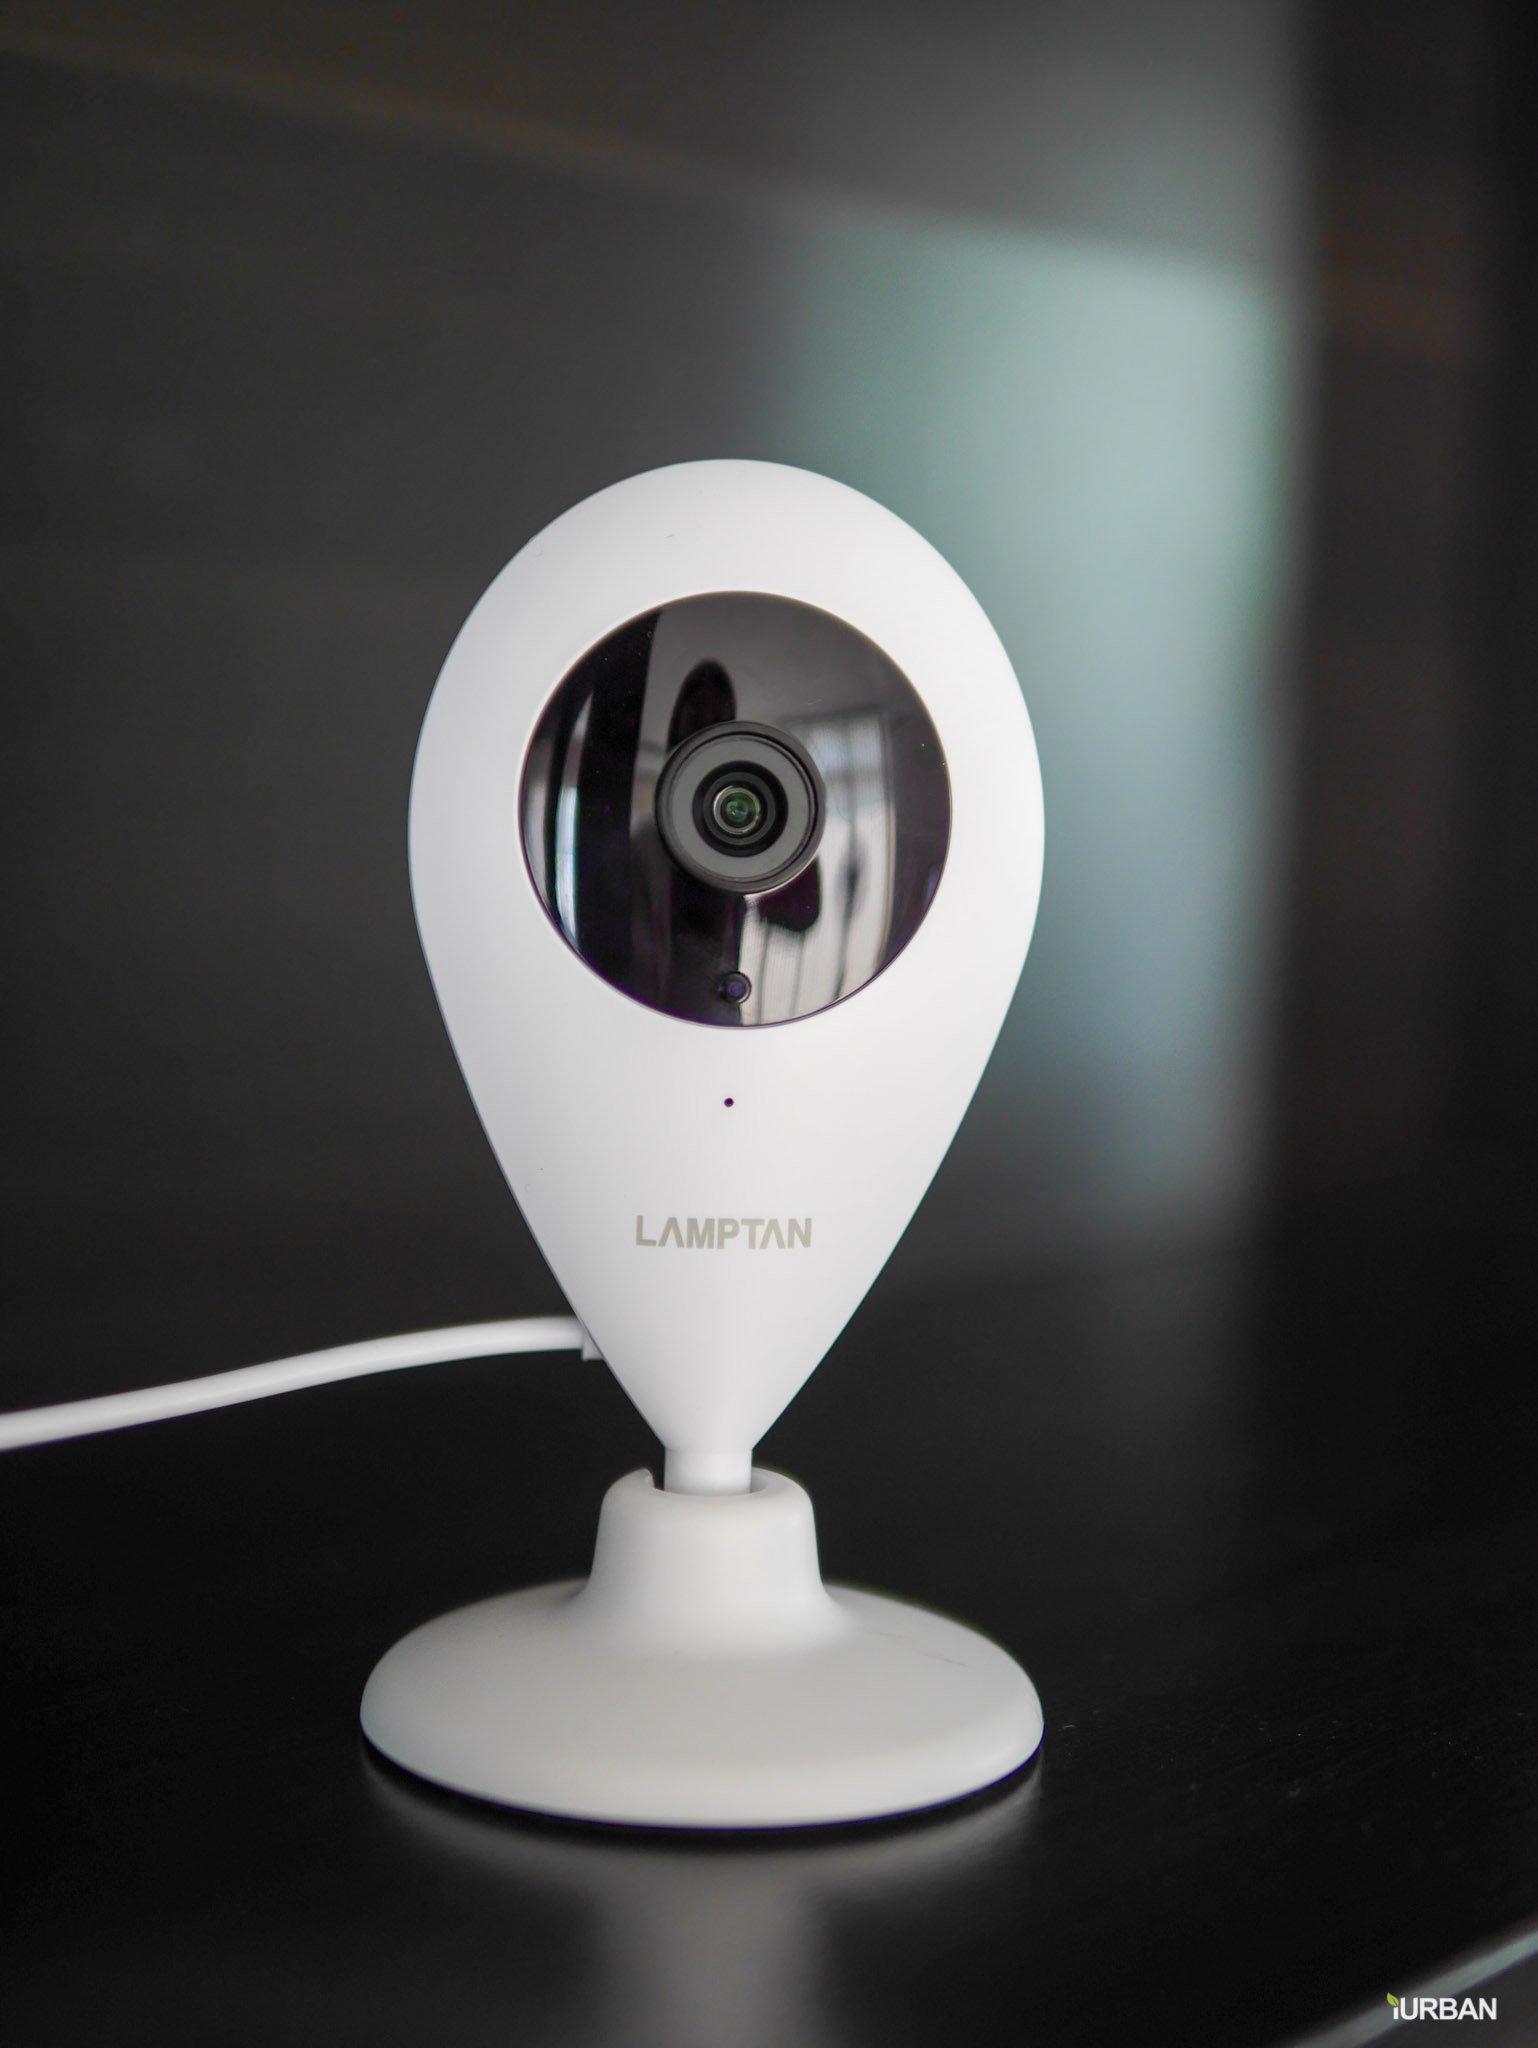 รีวิว LAMPTAN Smart Home Security Kit ชุดกล้องวงจรปิดและเตือนประตูเปิดไปมือถือ พร้อมชุดติดตั้งเองได้ 25 - App